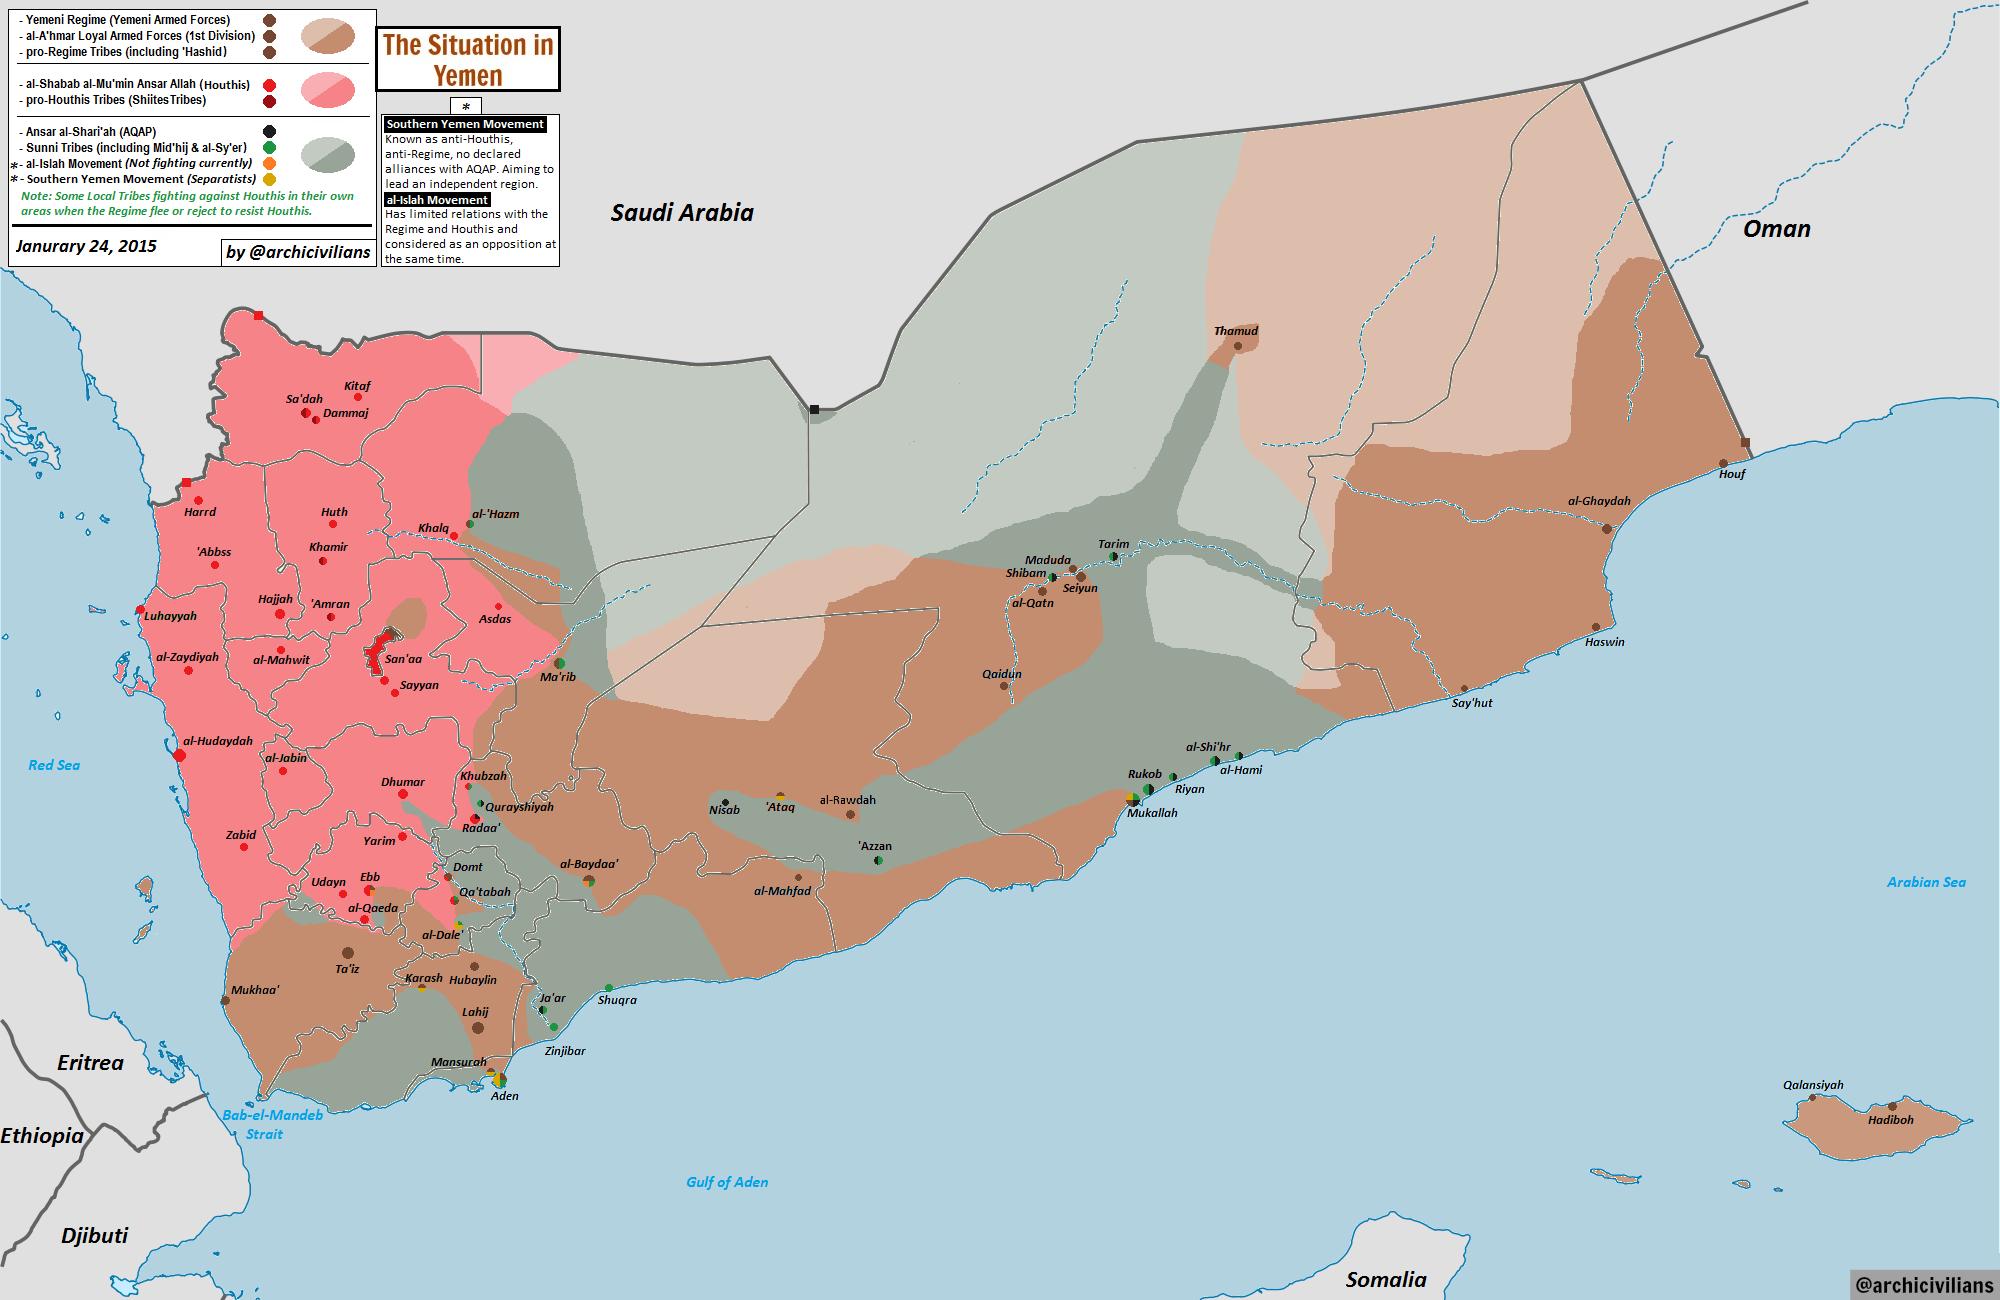 Guerre civile au Yémen - Page 2 B8Ejf_uCYAIQNCo